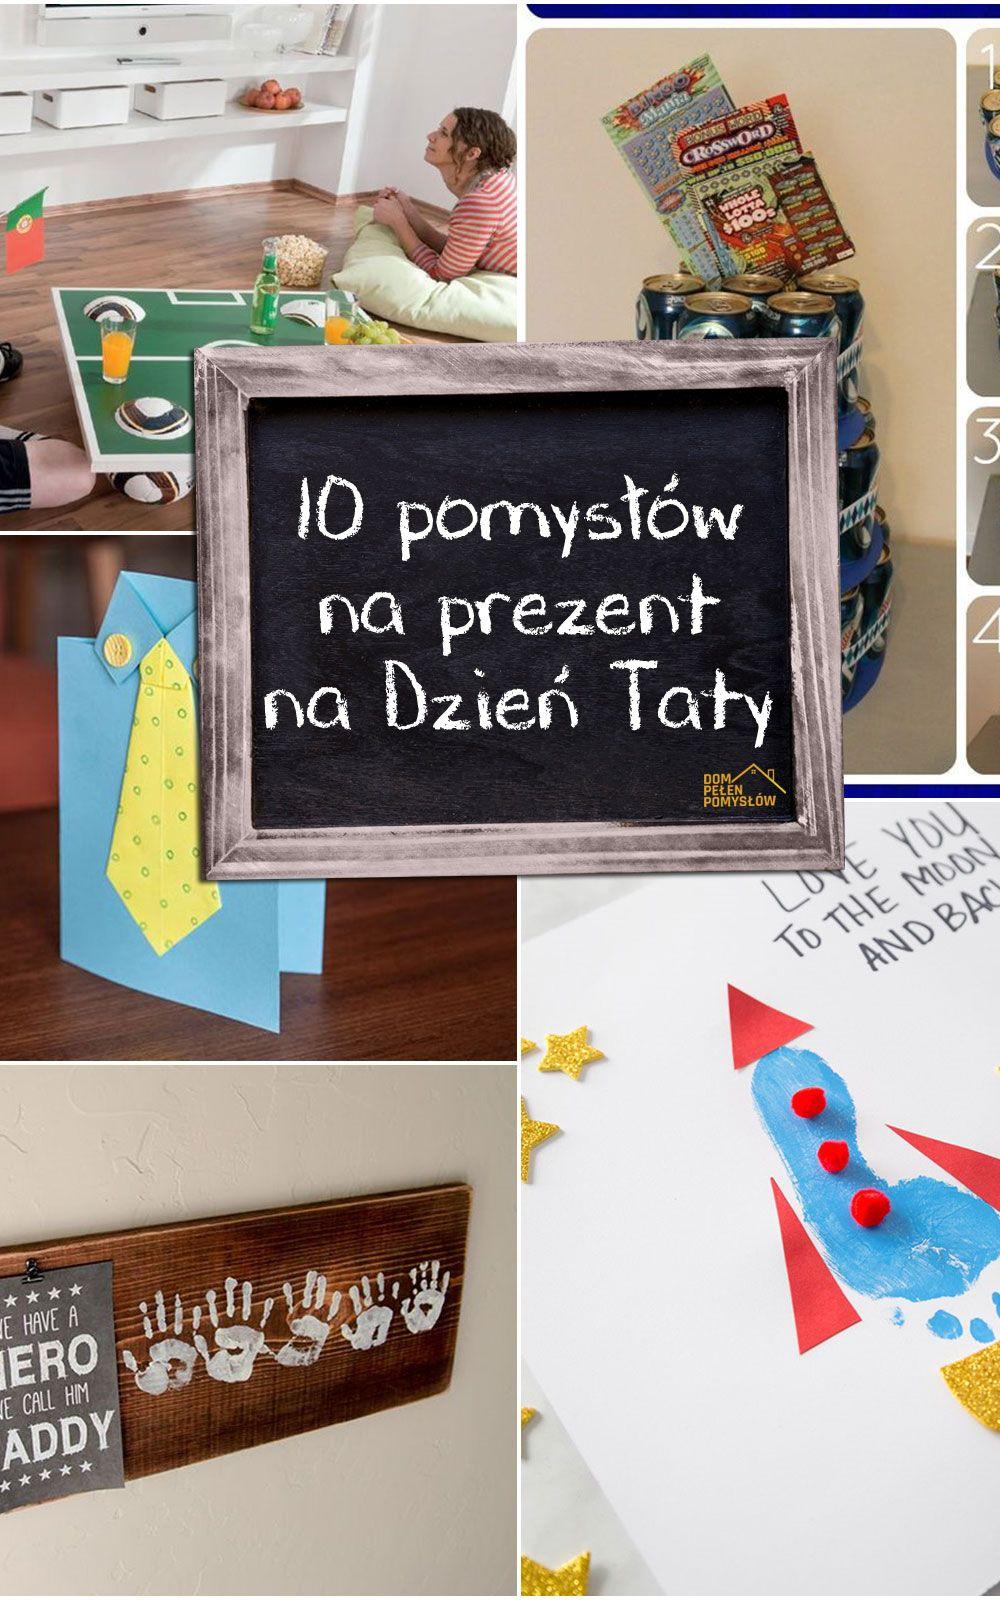 Dzien Ojca 10 Pomyslow Na Prezent Na Dzien Taty With Images